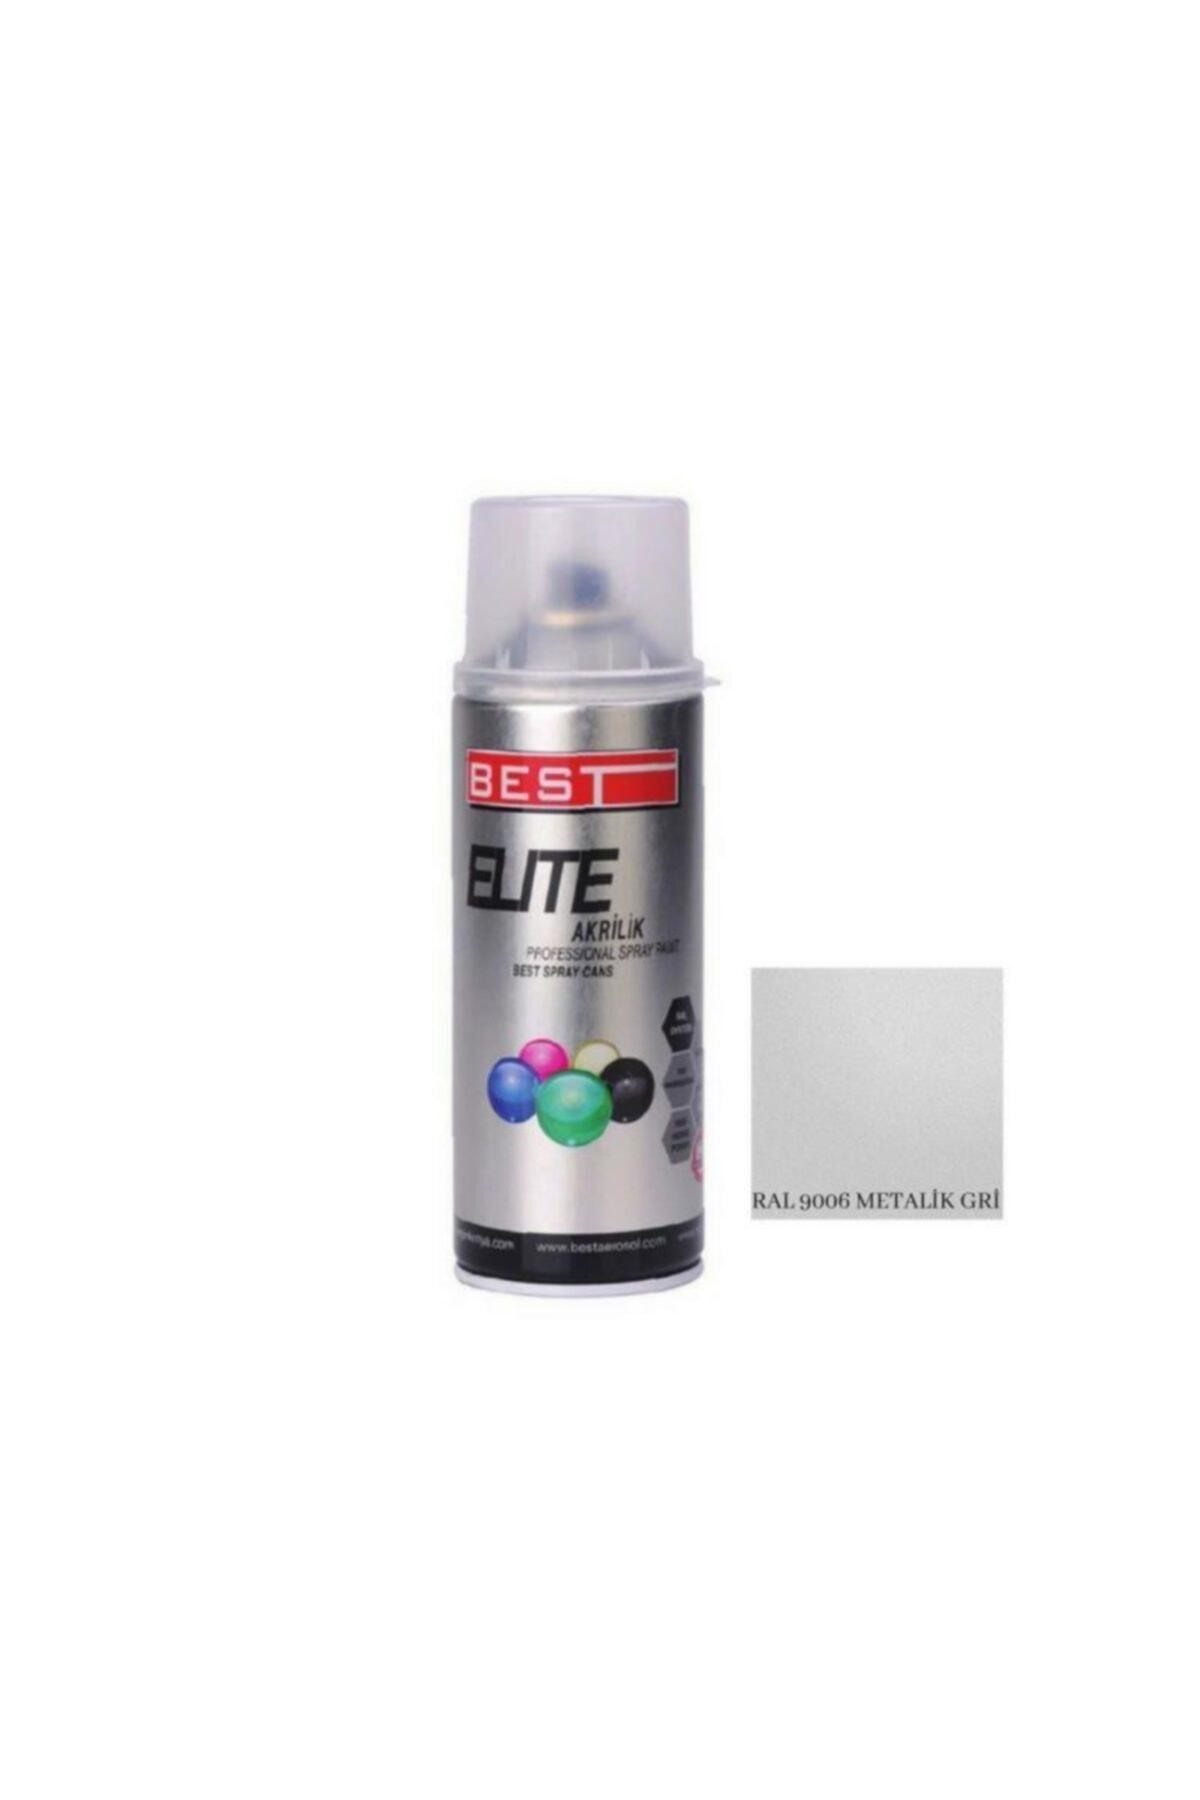 Elite Metalik Gri Ral 9006 Sprey Boya 400 ml